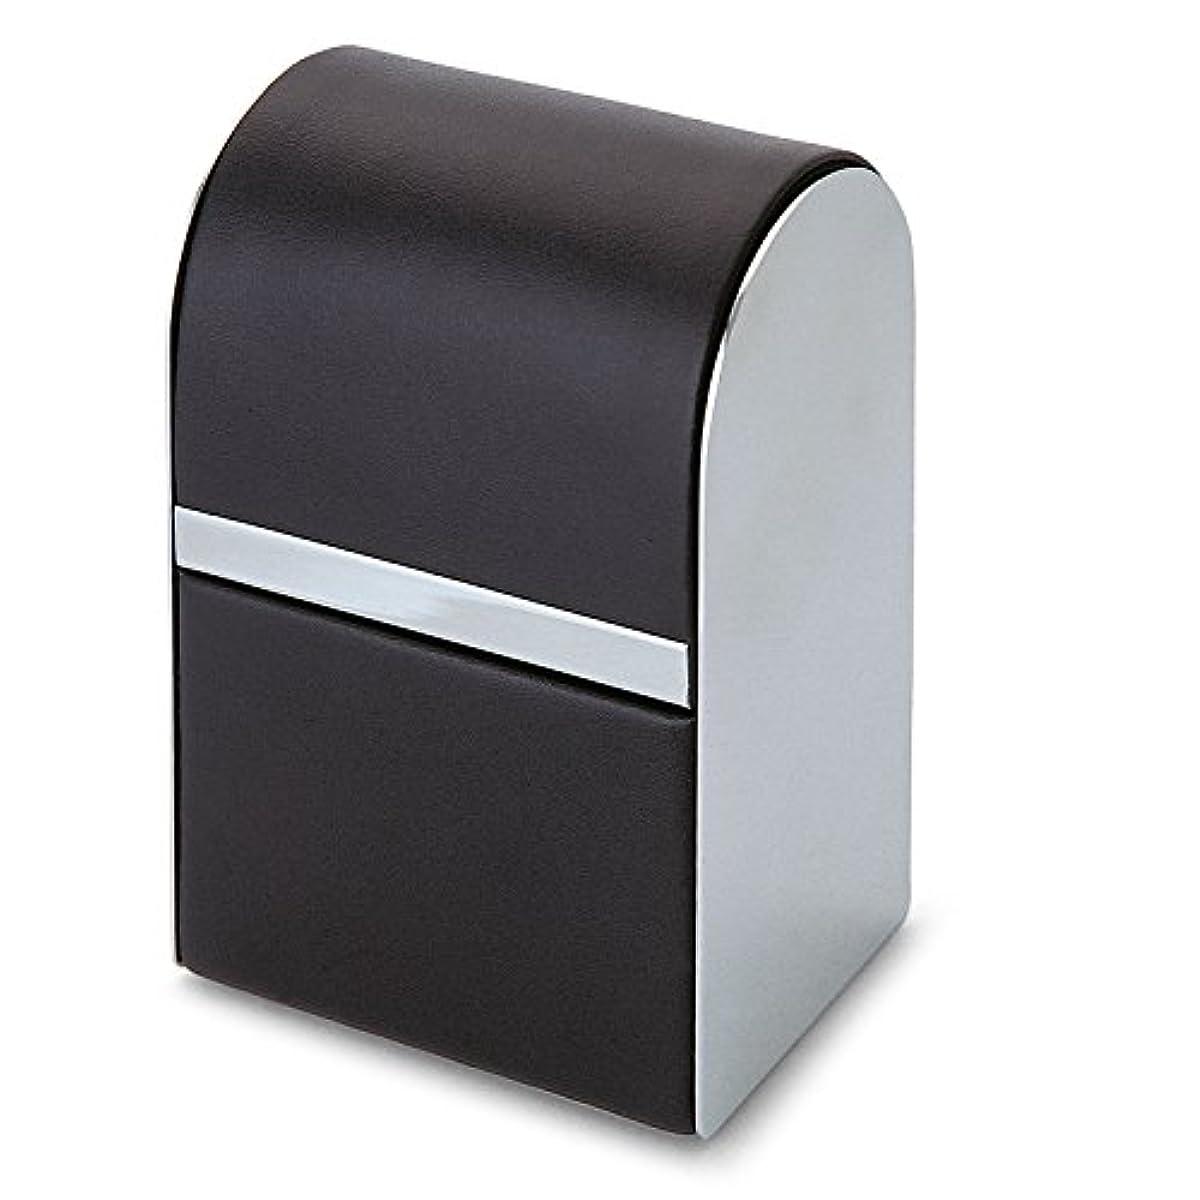 頂点補助リラックスPhilippi Giorgio メンズ身だしなみキット 7pcsセット leather stainless polished